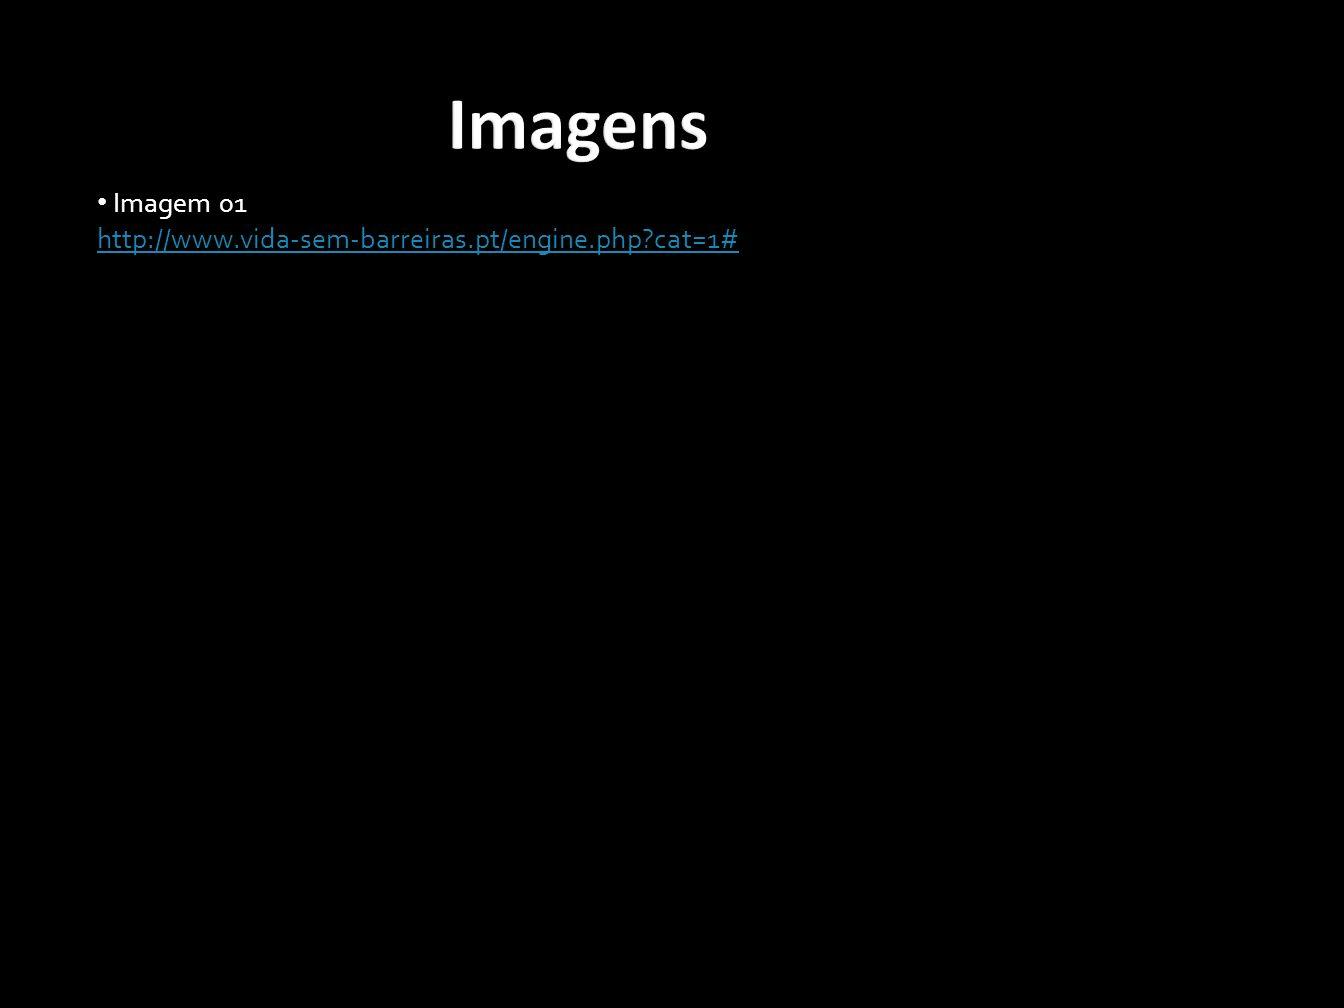 Imagens acordo com a lei Imagem 01 http://www.vida-sem-barreiras.pt/engine.php?cat=1#